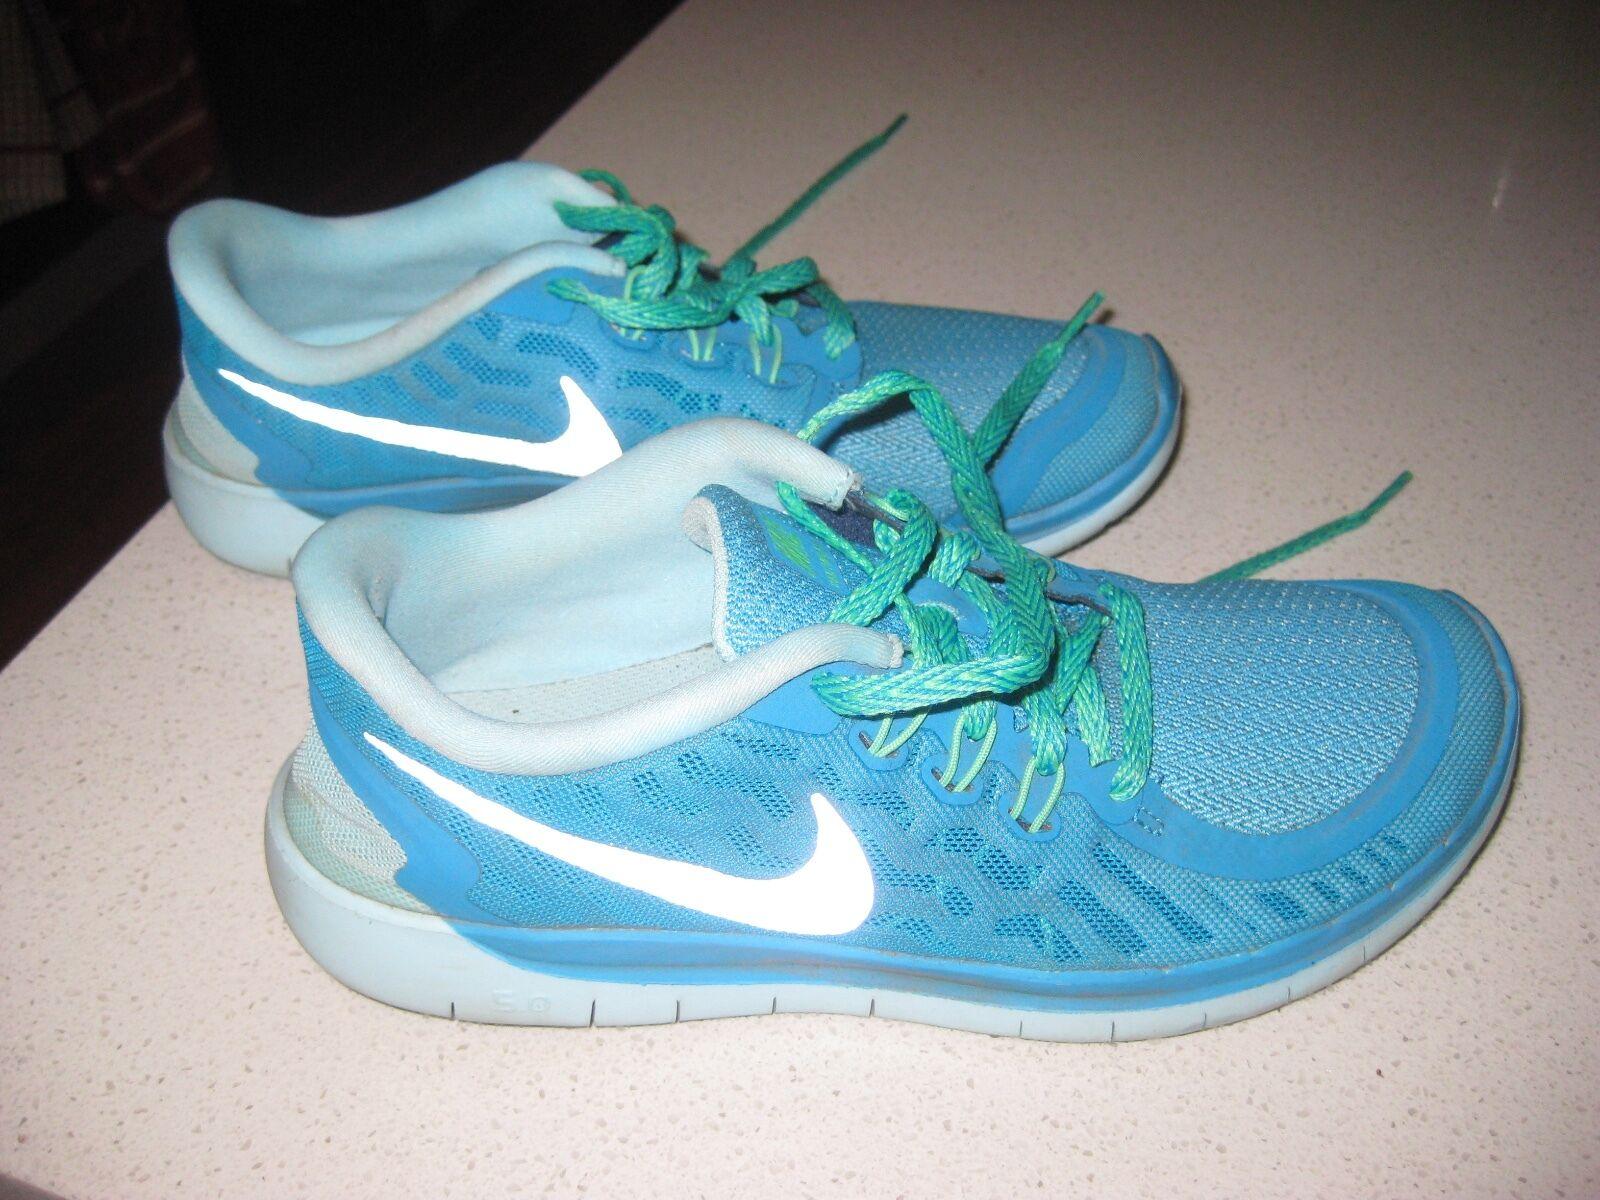 Nike libera 5,0 signore scarpe scarpe scarpe blu dimensioni 7y (8,5) - usato in buone condizioni.    Diversi stili e stili    Uomini/Donna Scarpa  2880c4